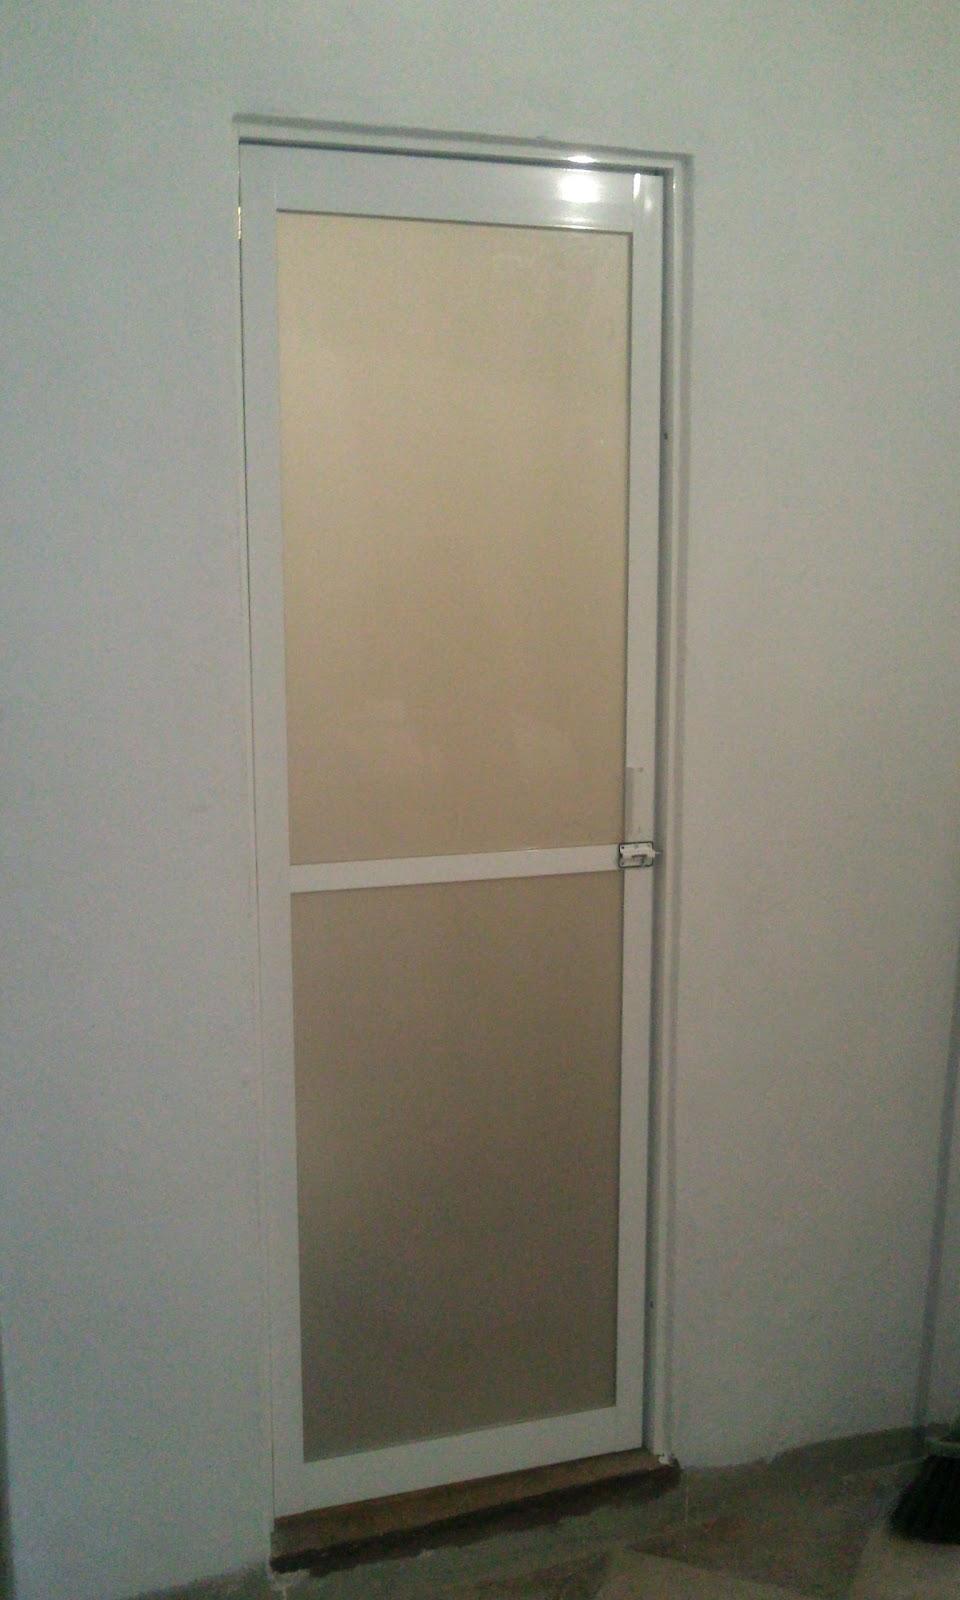 Puertas De Baño Acrilico:Puerta baño aluminio 2′ con acrilico de figura con pazadodes